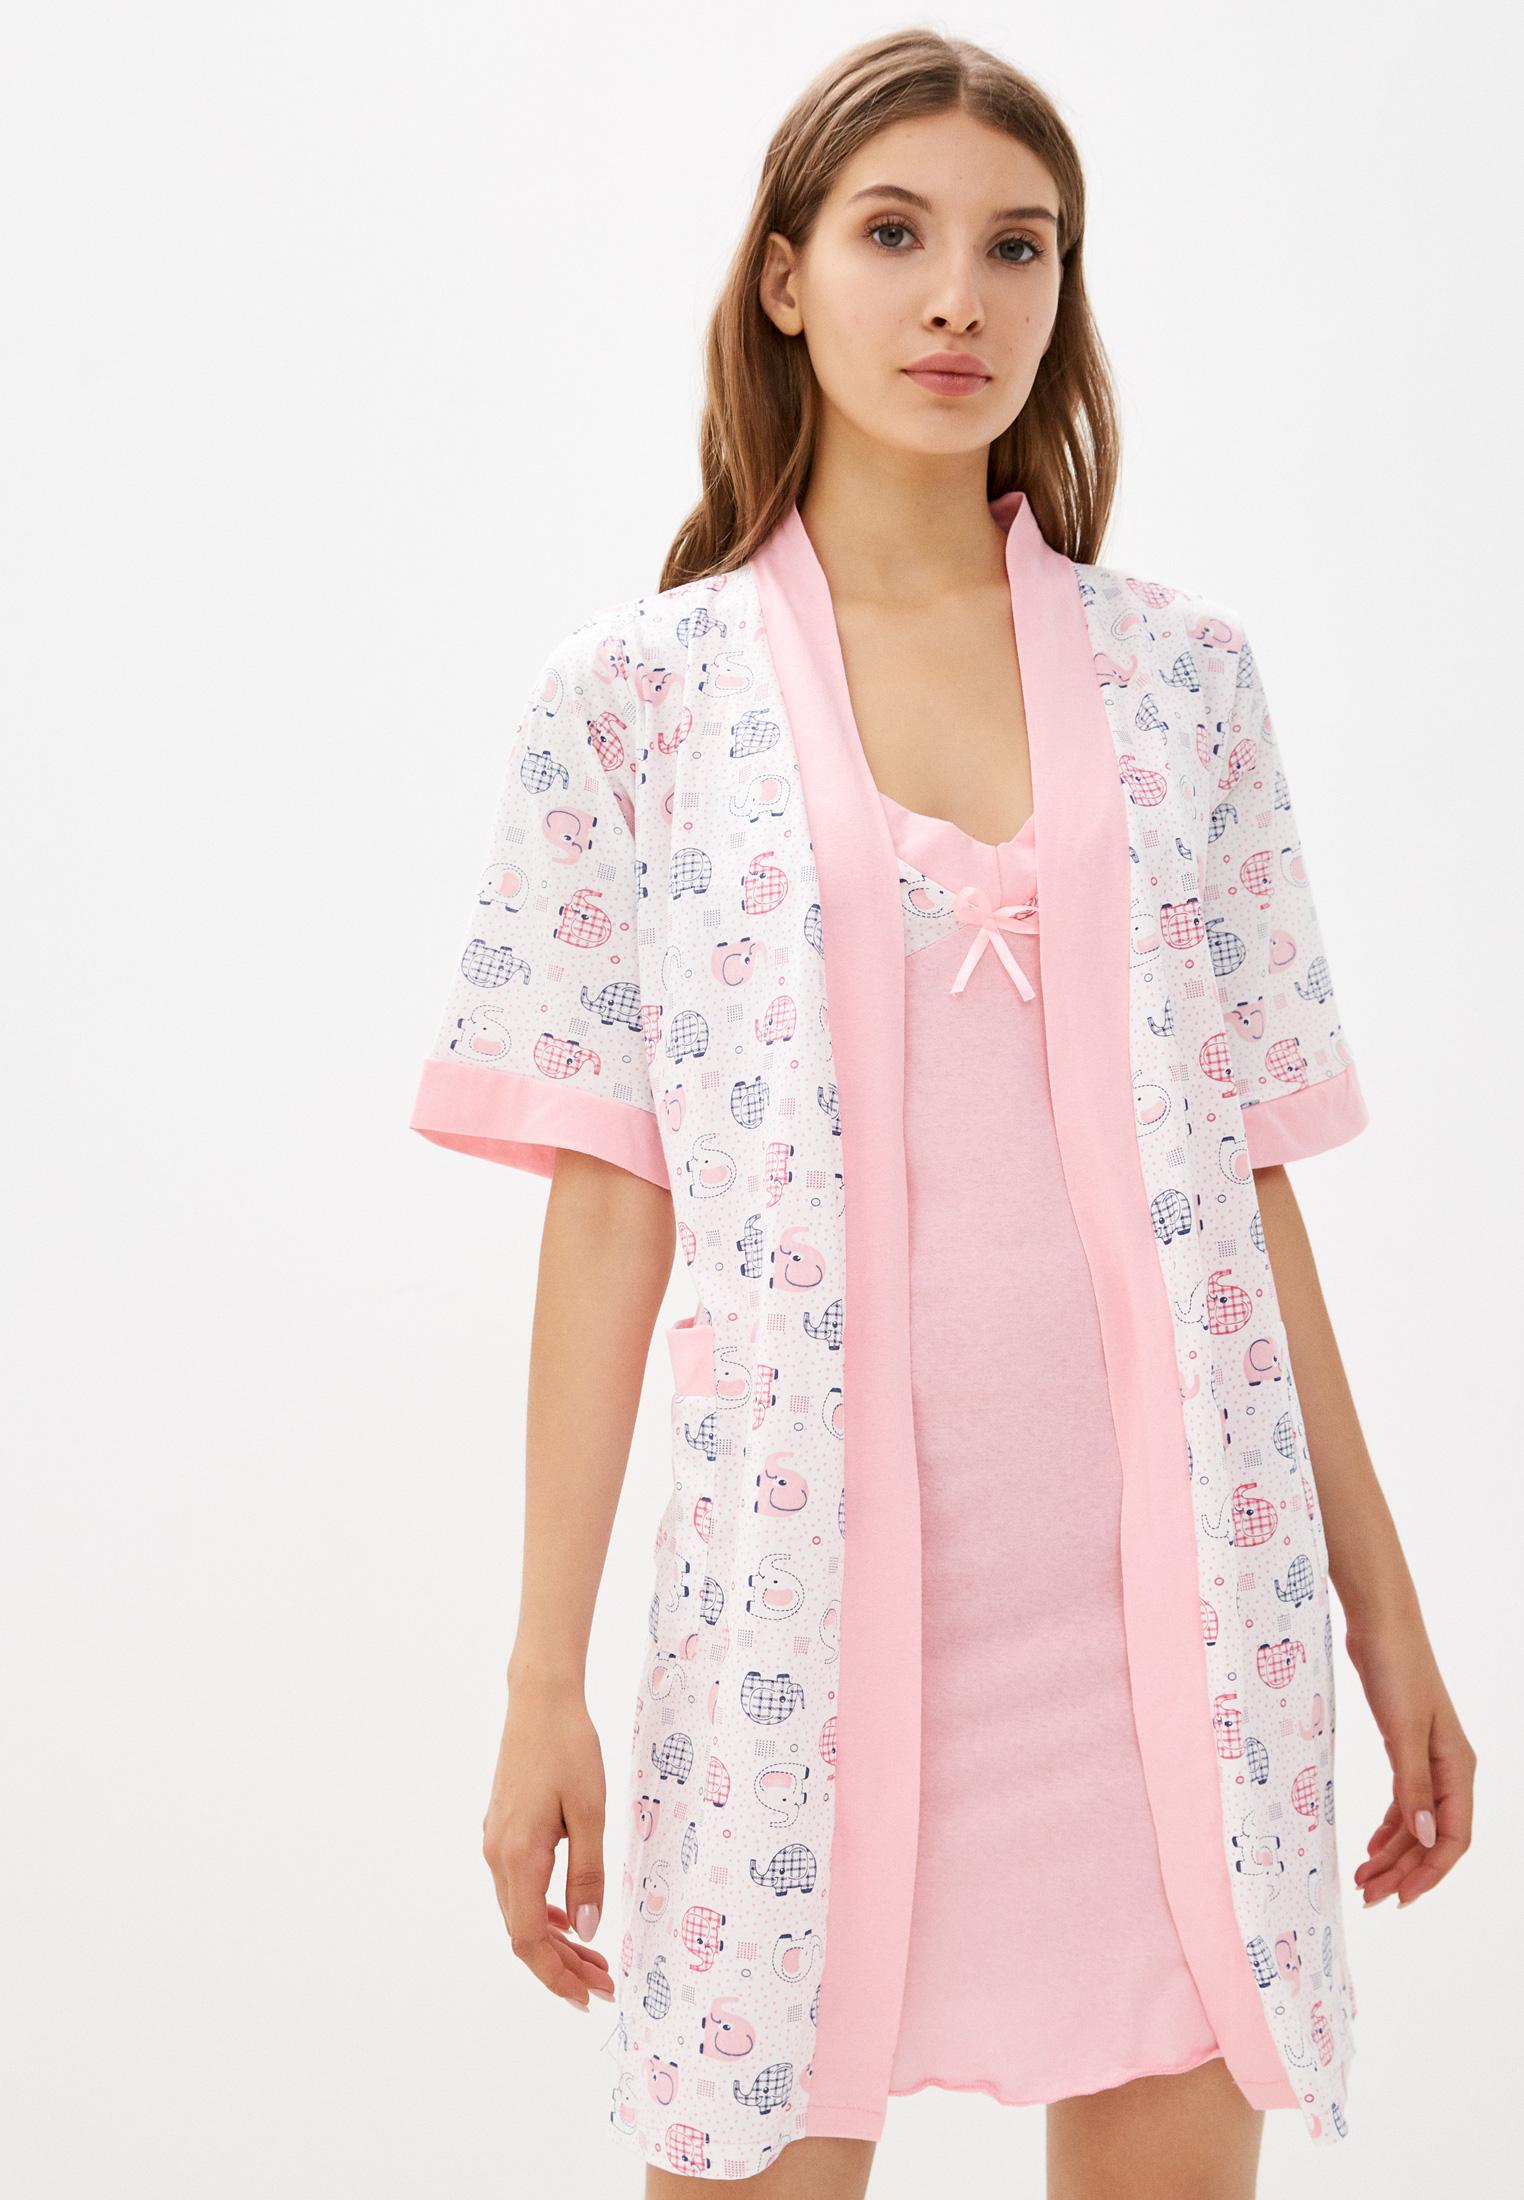 Комплект SleepShy Халат и сорочка ночная SleepShy